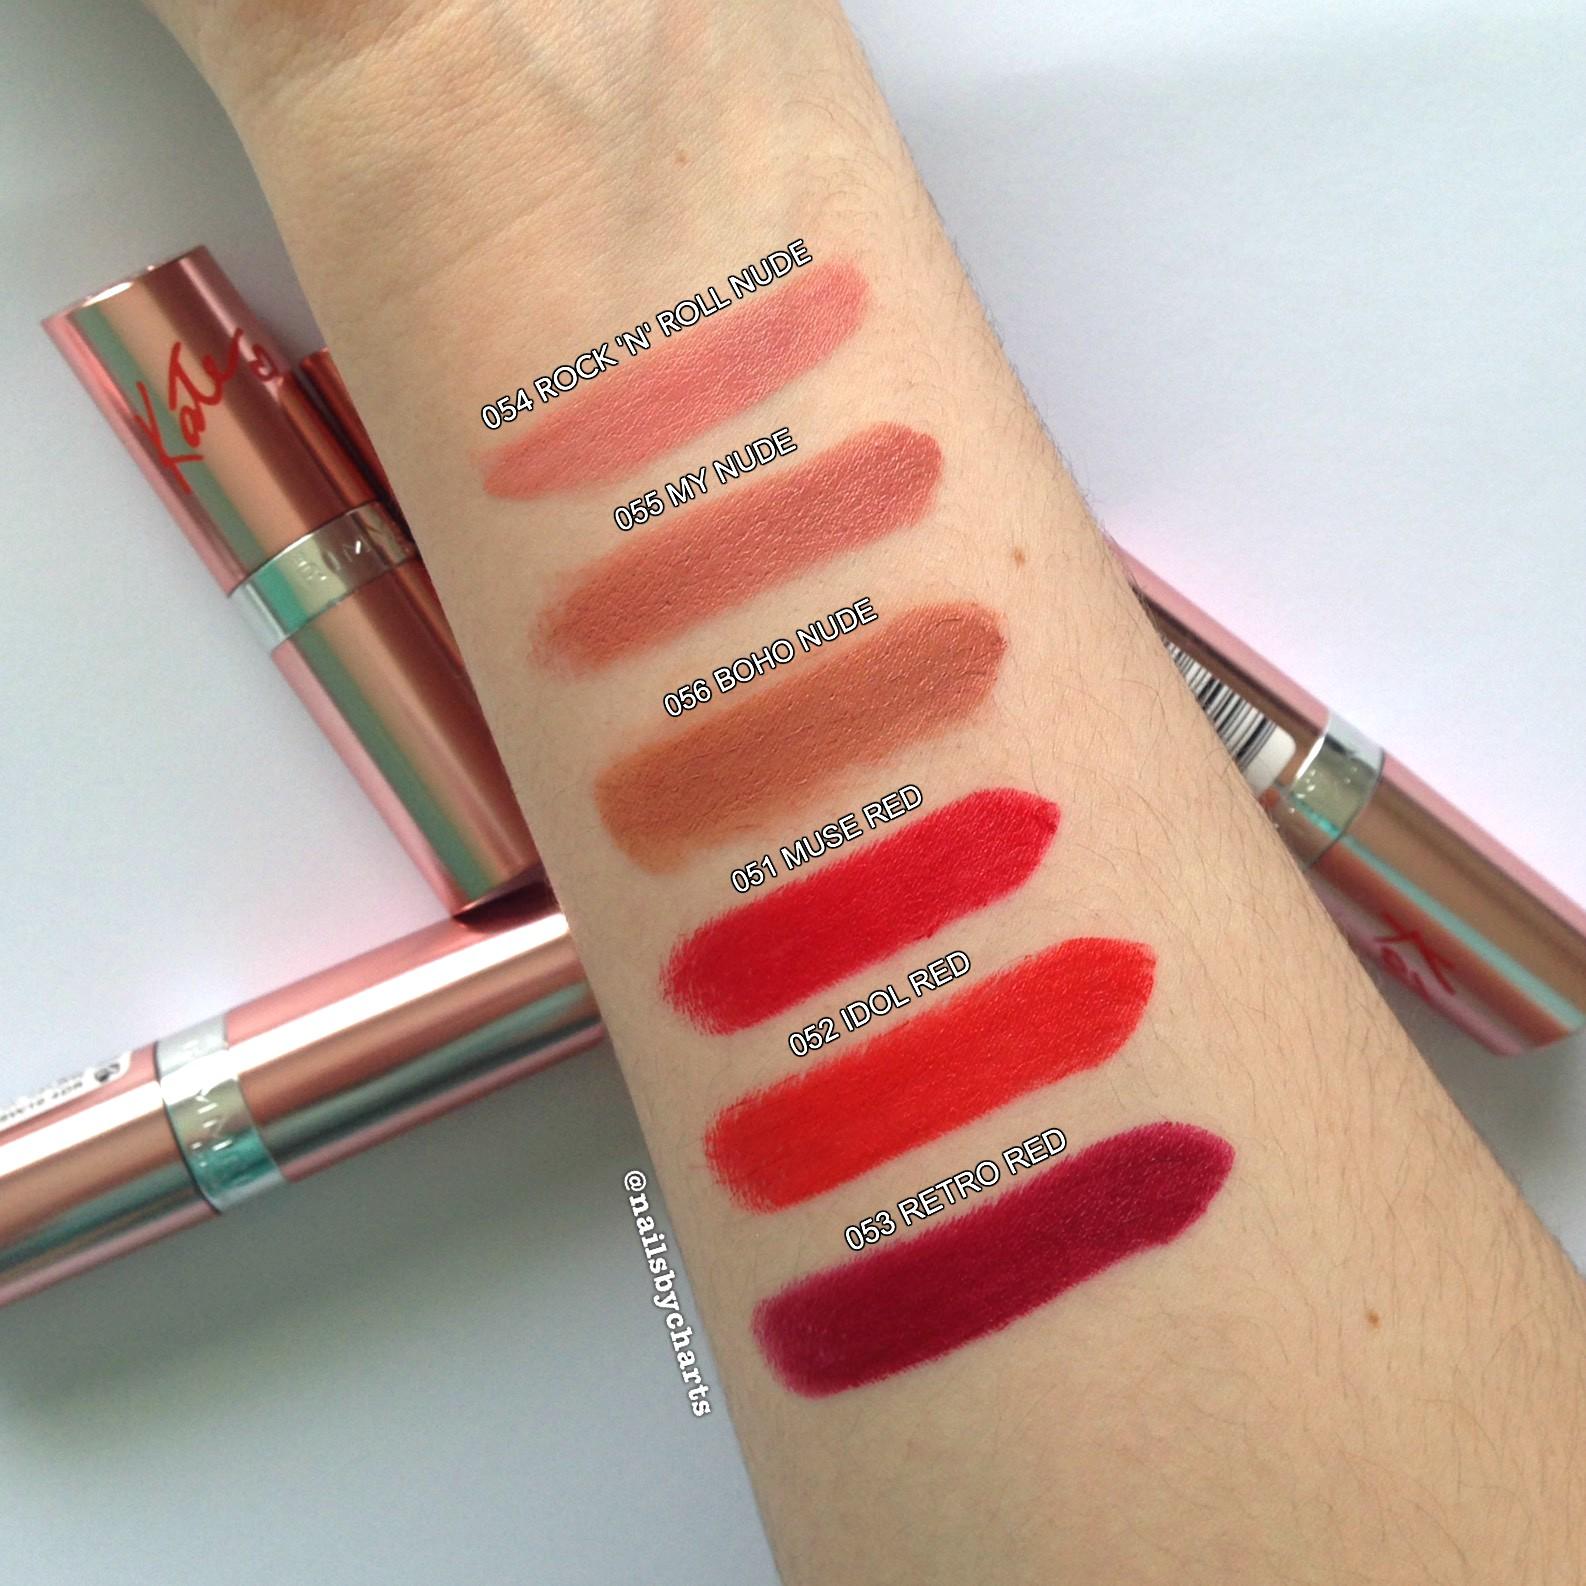 Rimmel London Kate Moss Lipstick 15 Year Anniversary - A